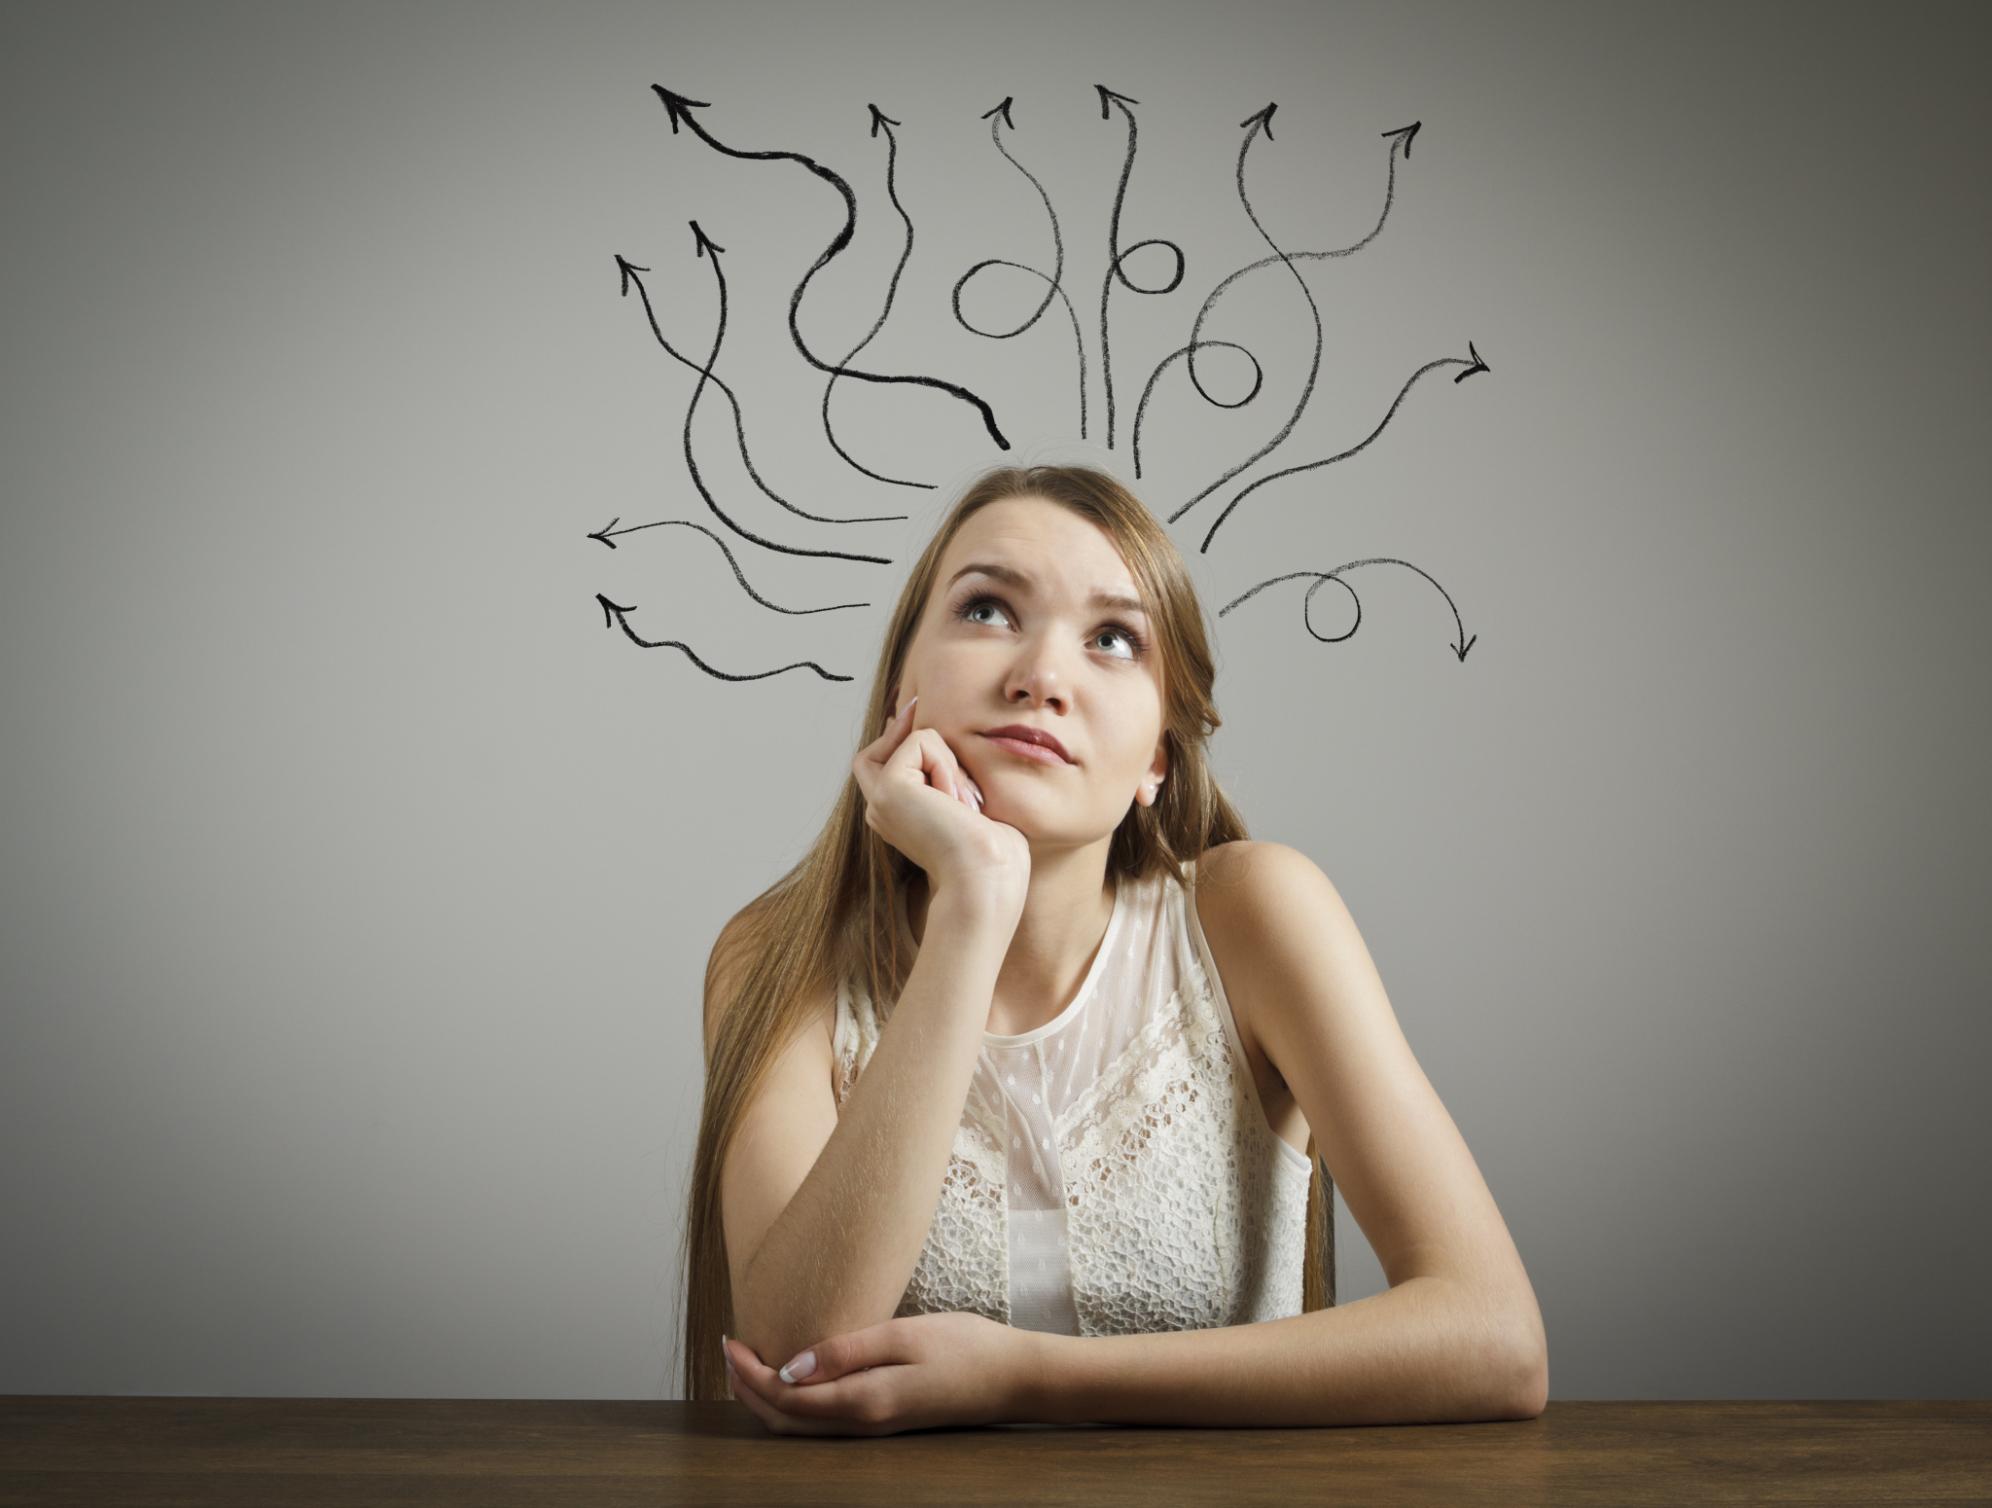 Как узнать свое призвание?40 вопросов для поиска своего призвания